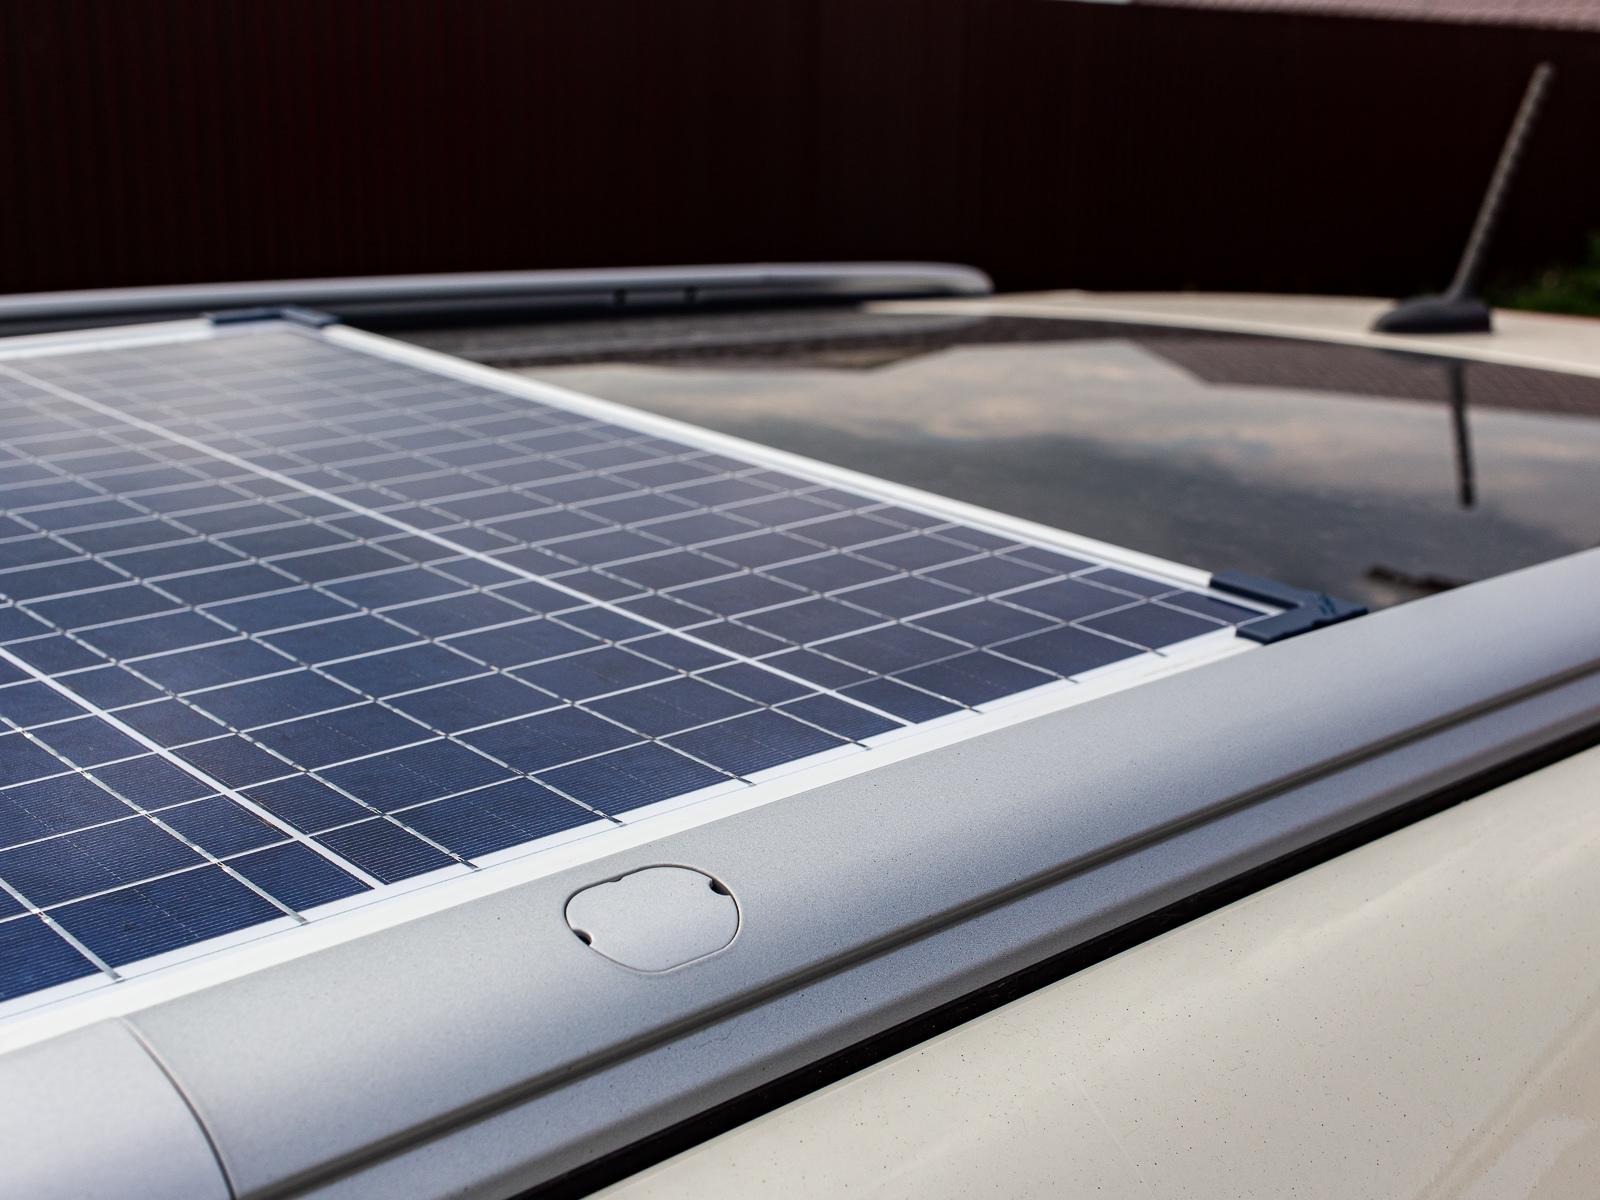 солнечная панель optimate - Зарядка автомобильного аккумулятора с помощью солнечных батарей